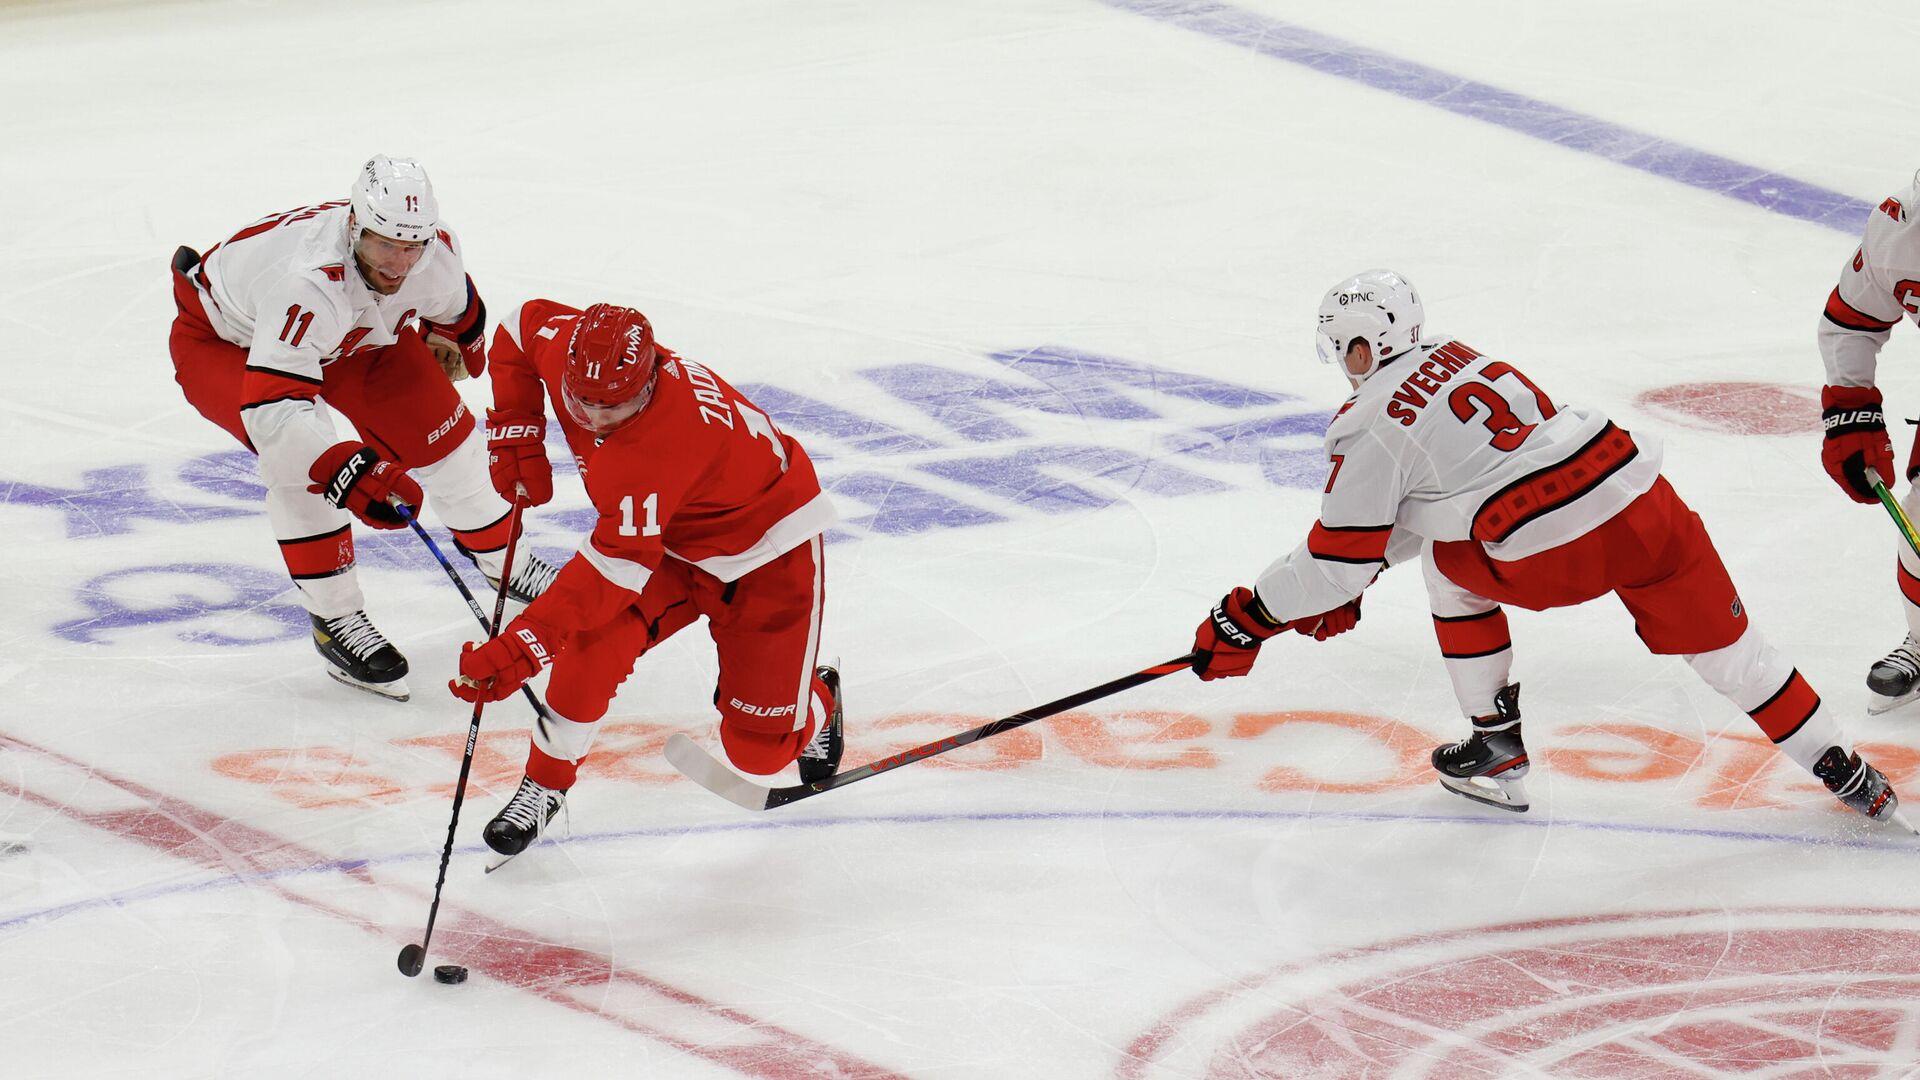 Матч НХЛ между командами Каролина Харрикейнз и Детройт Ред Уингз - РИА Новости, 1920, 15.01.2021